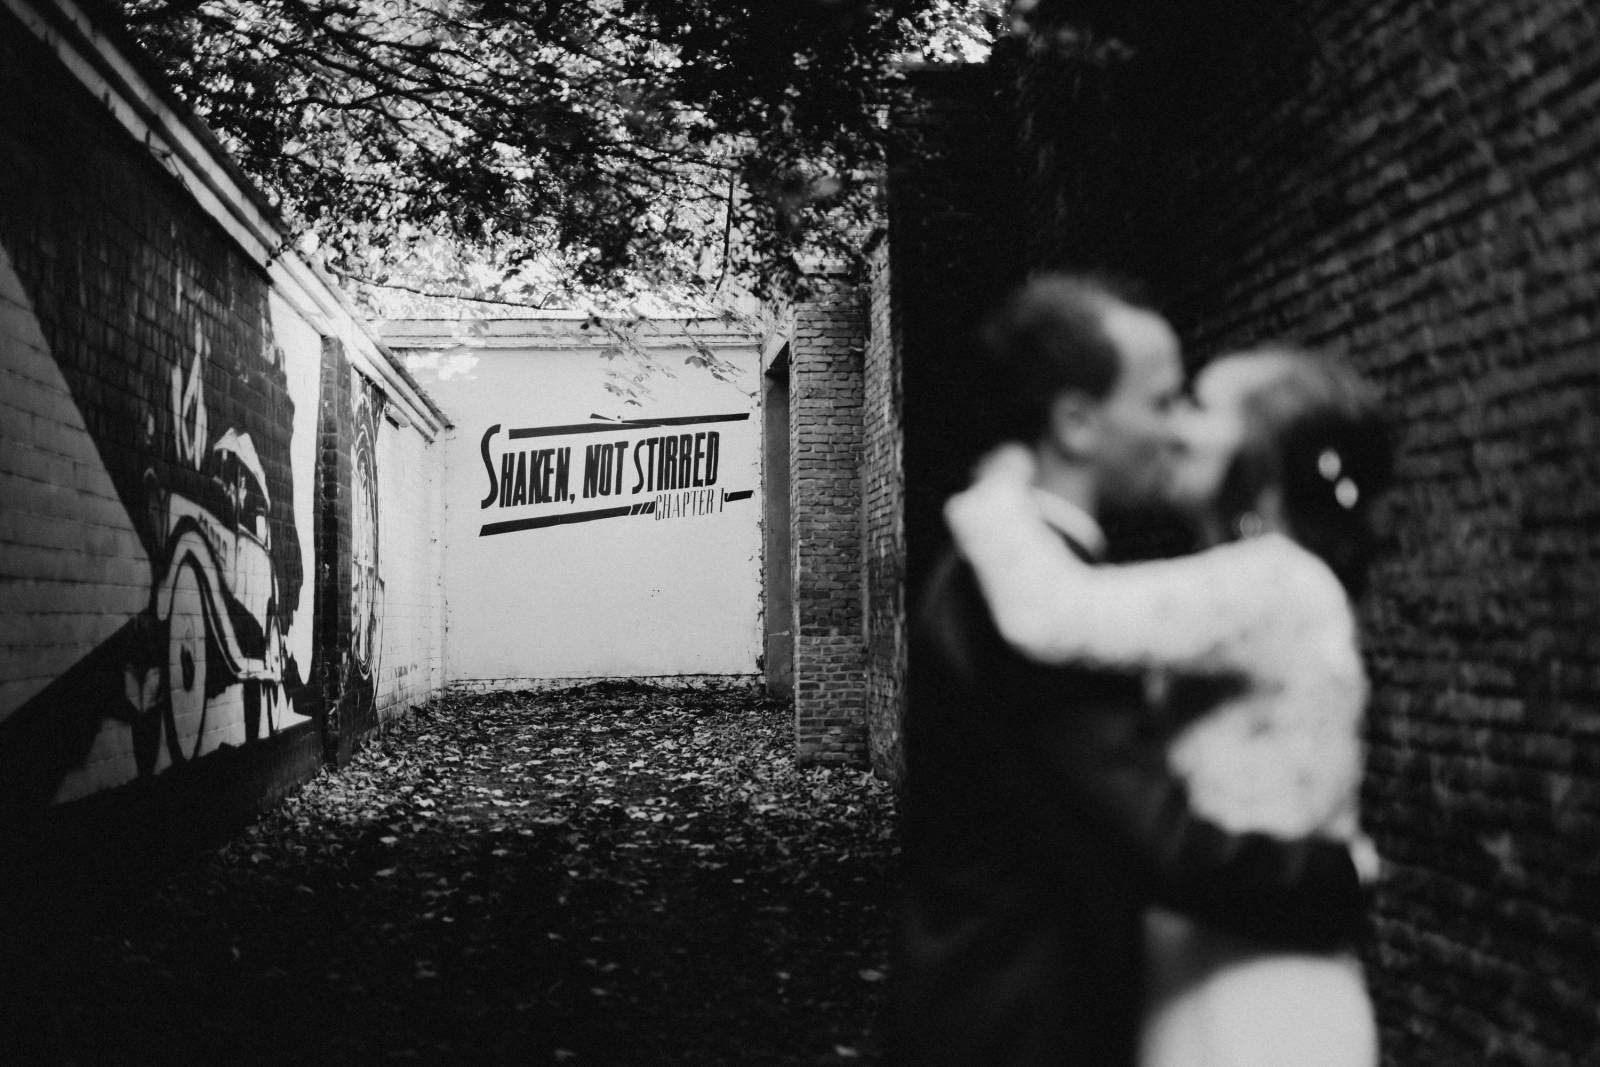 Frankie and Fish - Trouwfotograaf - Huwelijksfotograaf - Bruidsfotograaf - House of Weddings - 9